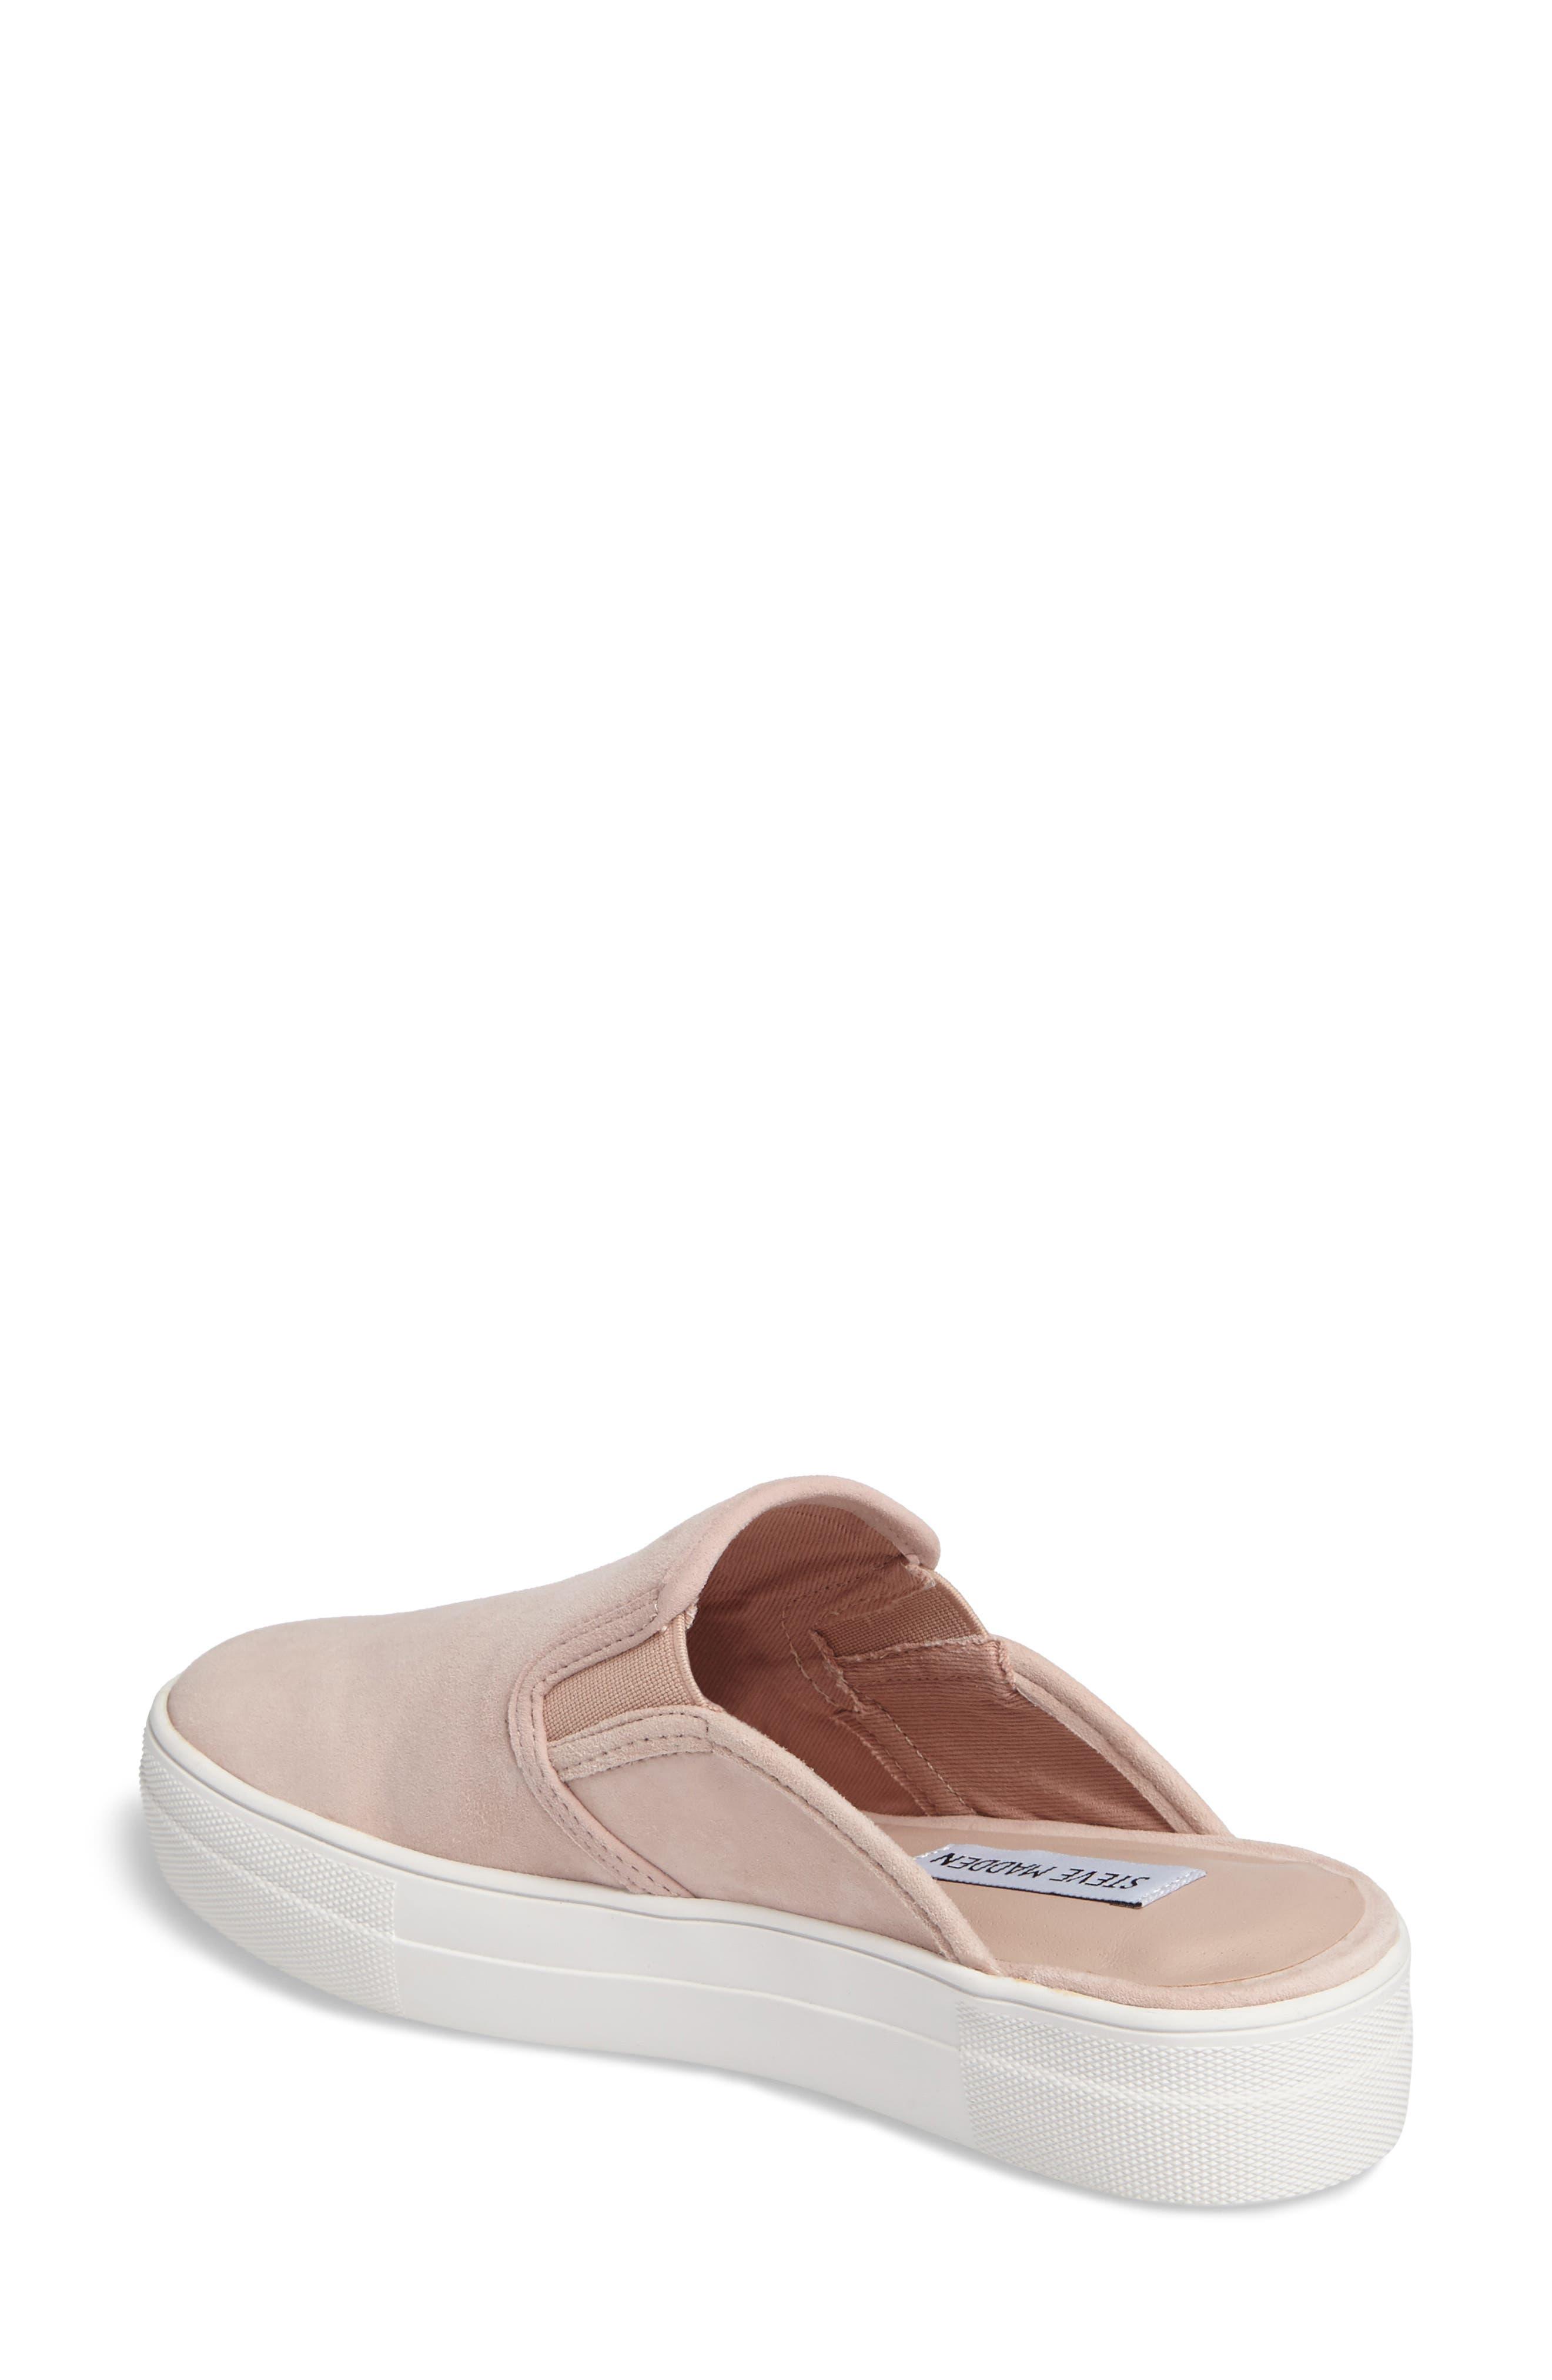 Glenda Sneaker Mule,                             Alternate thumbnail 2, color,                             Light Pink